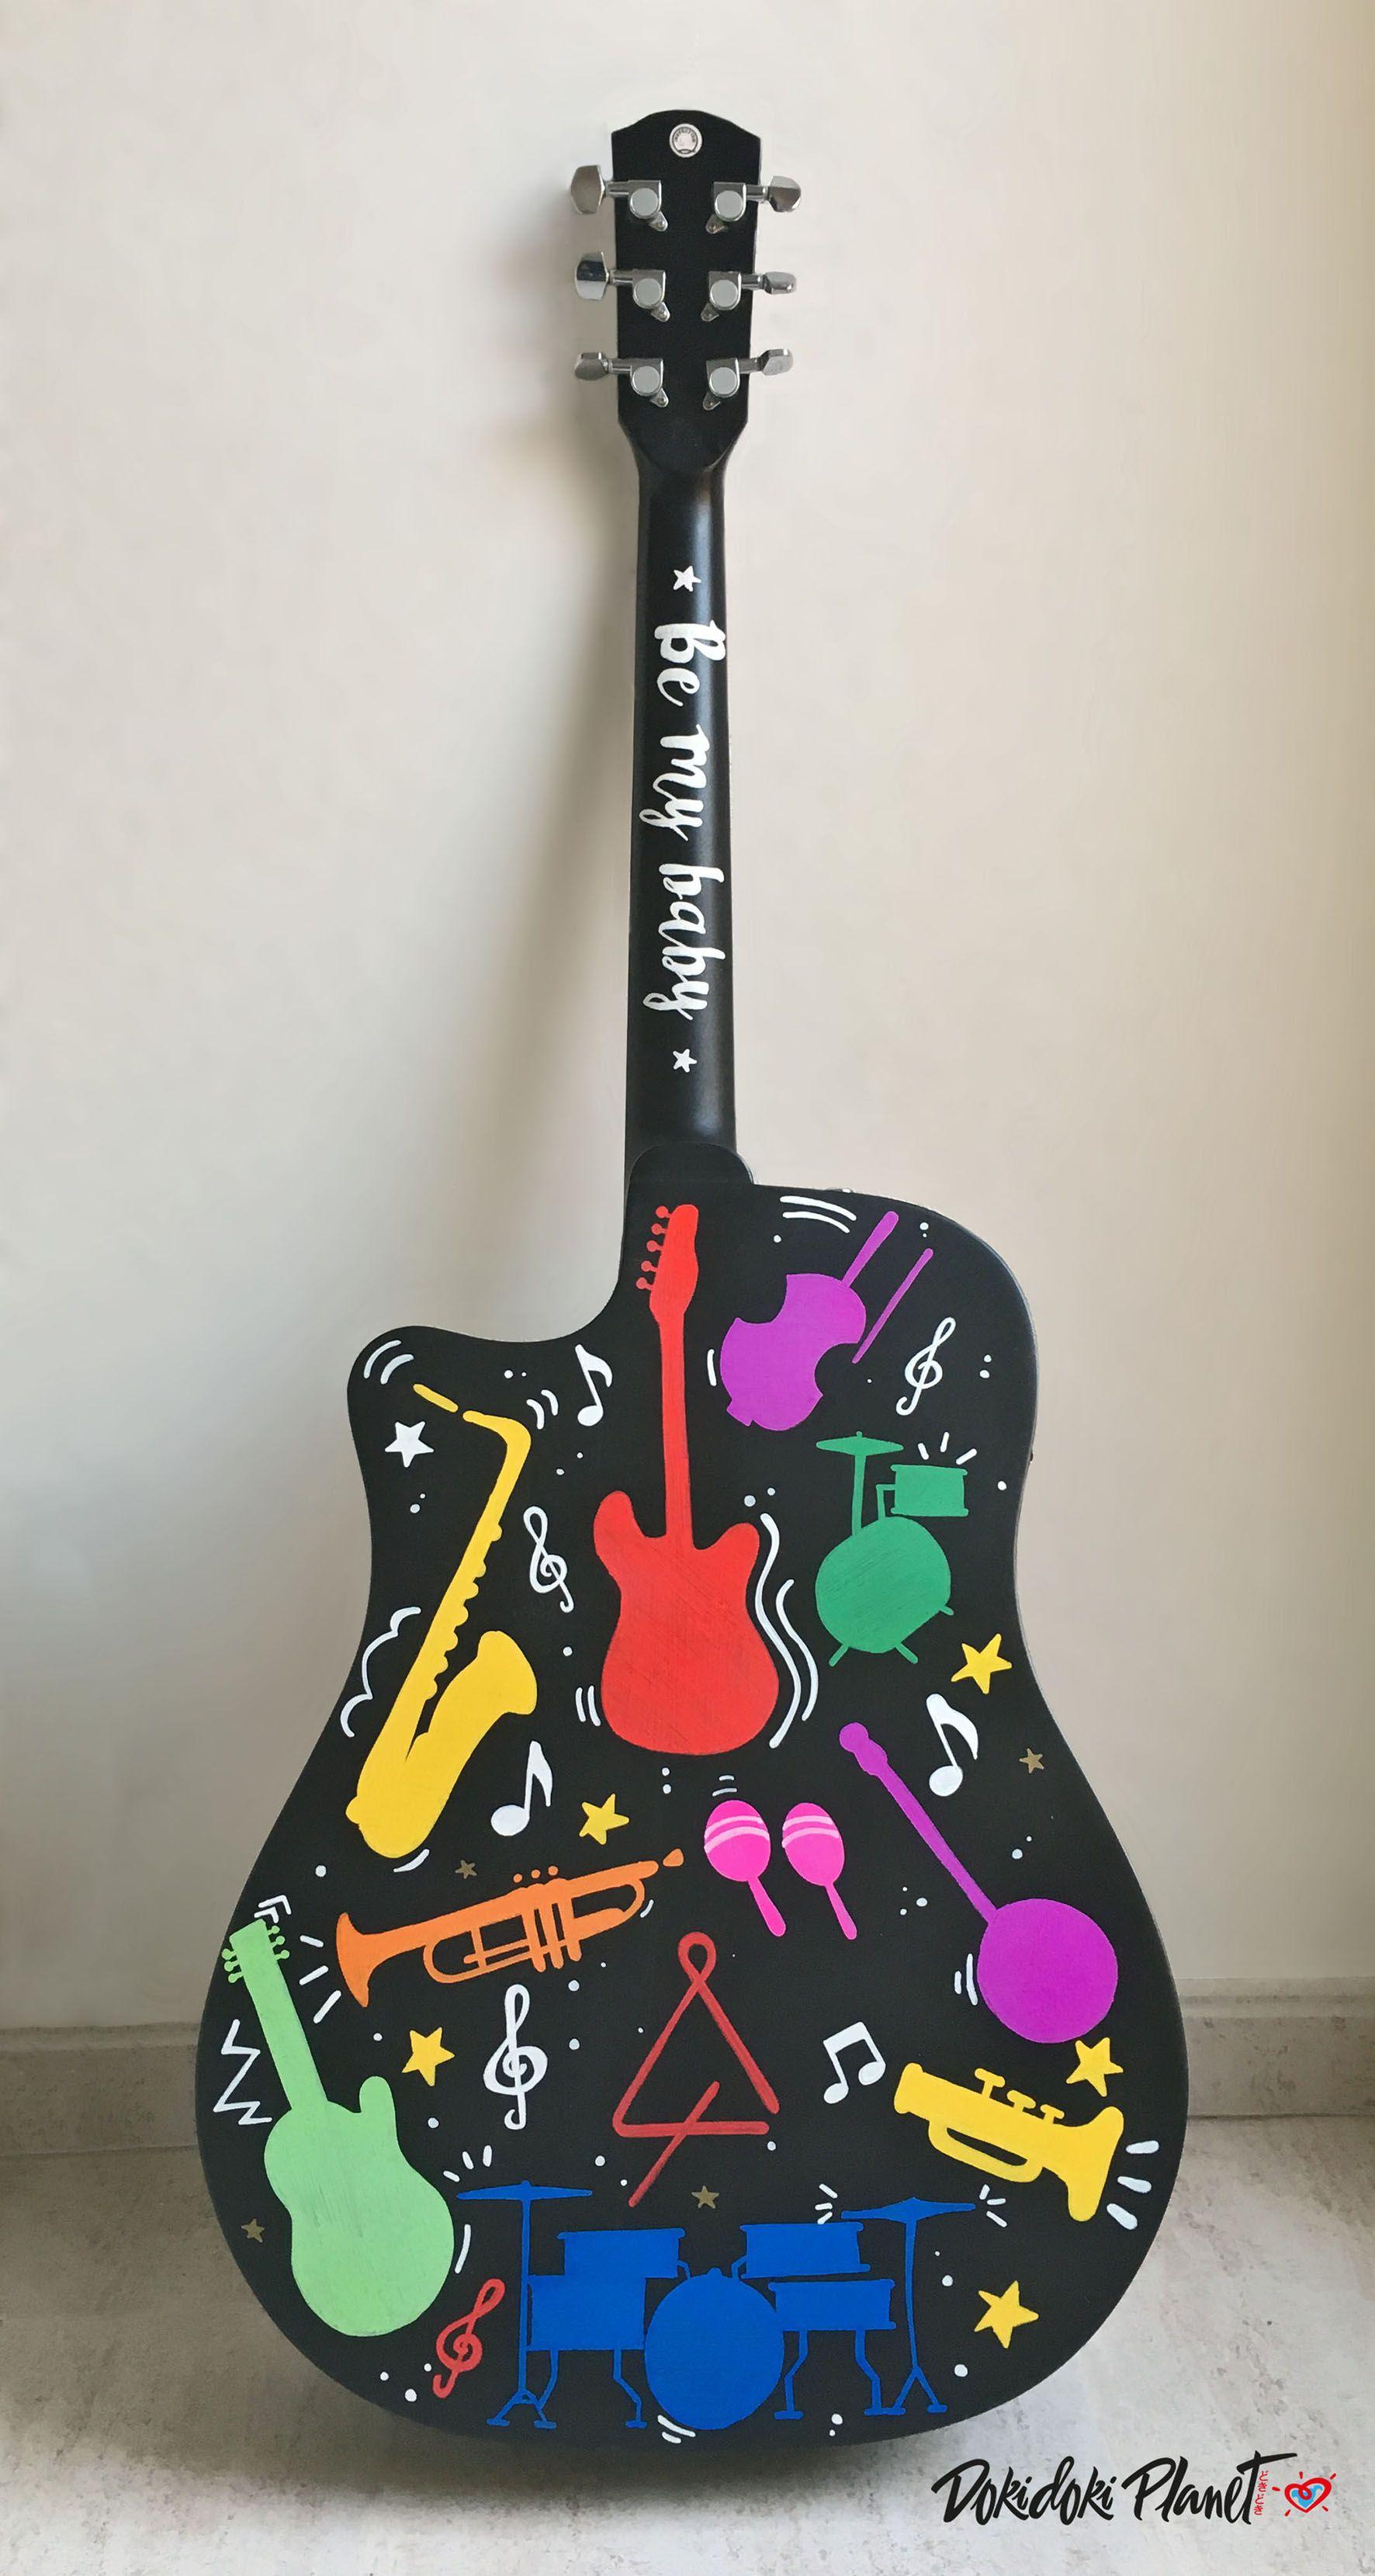 parte de atràs de guitarra fender pintada a mano encargo personal